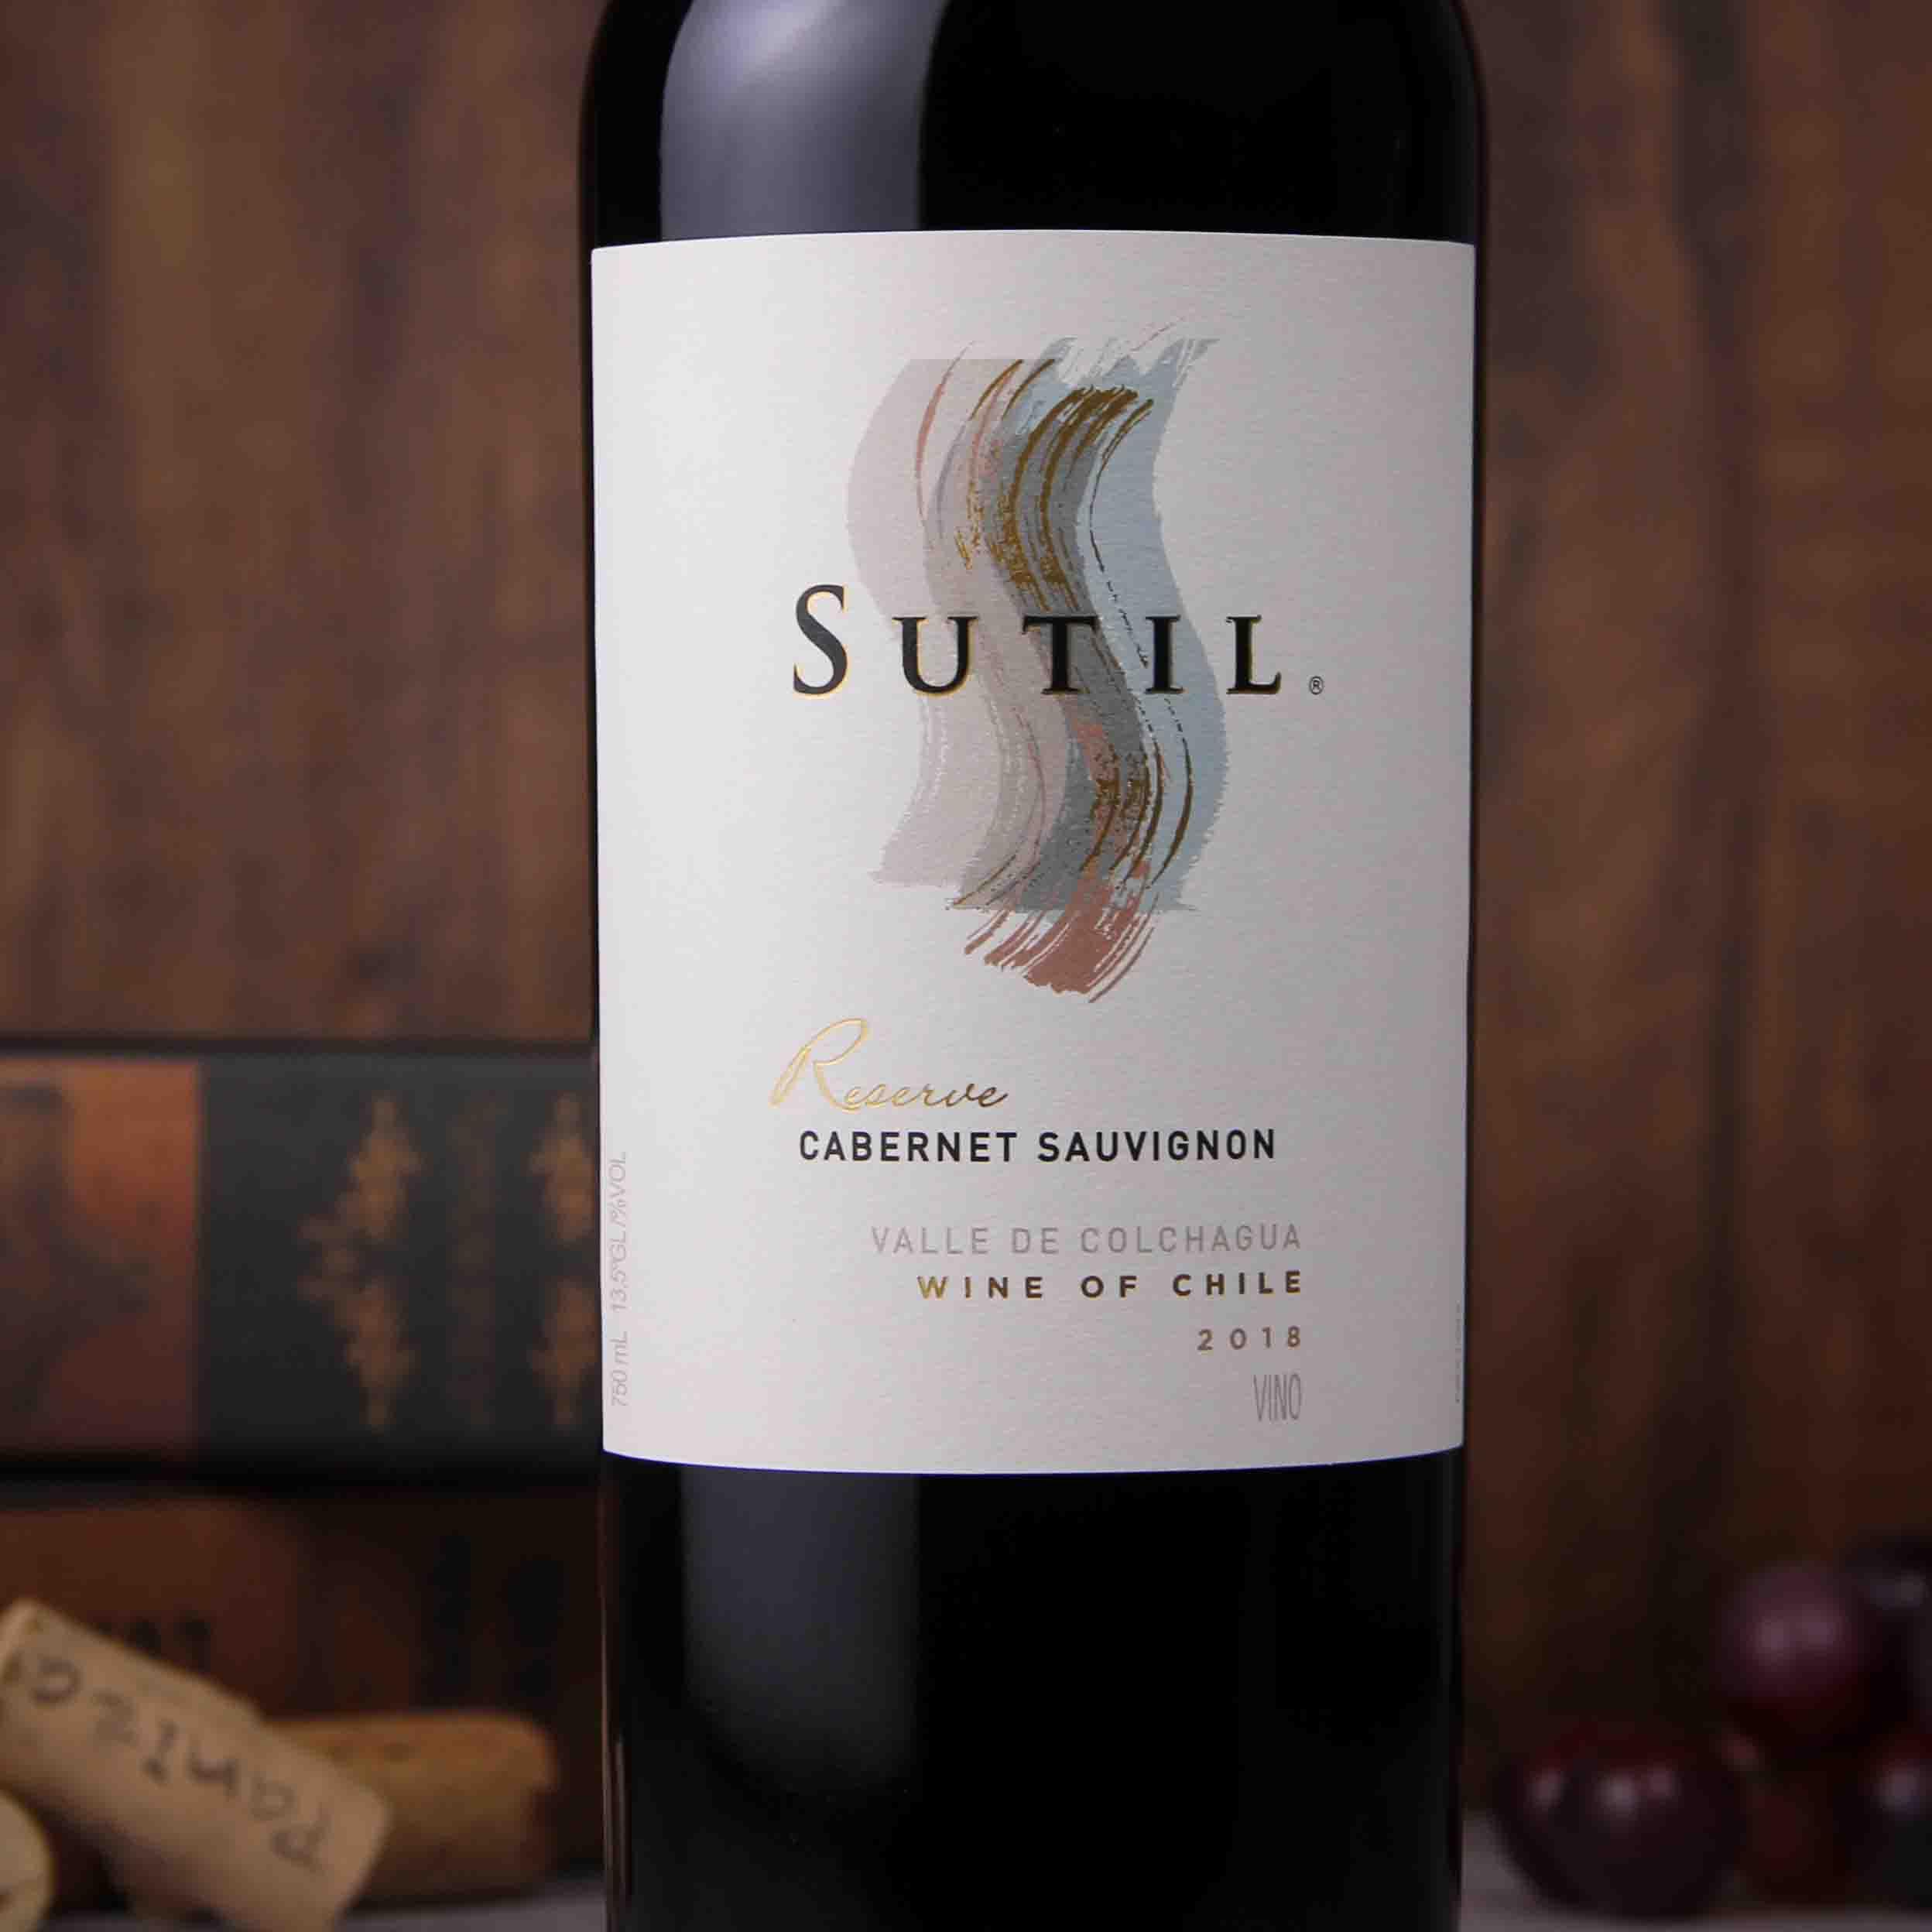 苏蒂尔珍藏赤霞珠干红葡萄酒